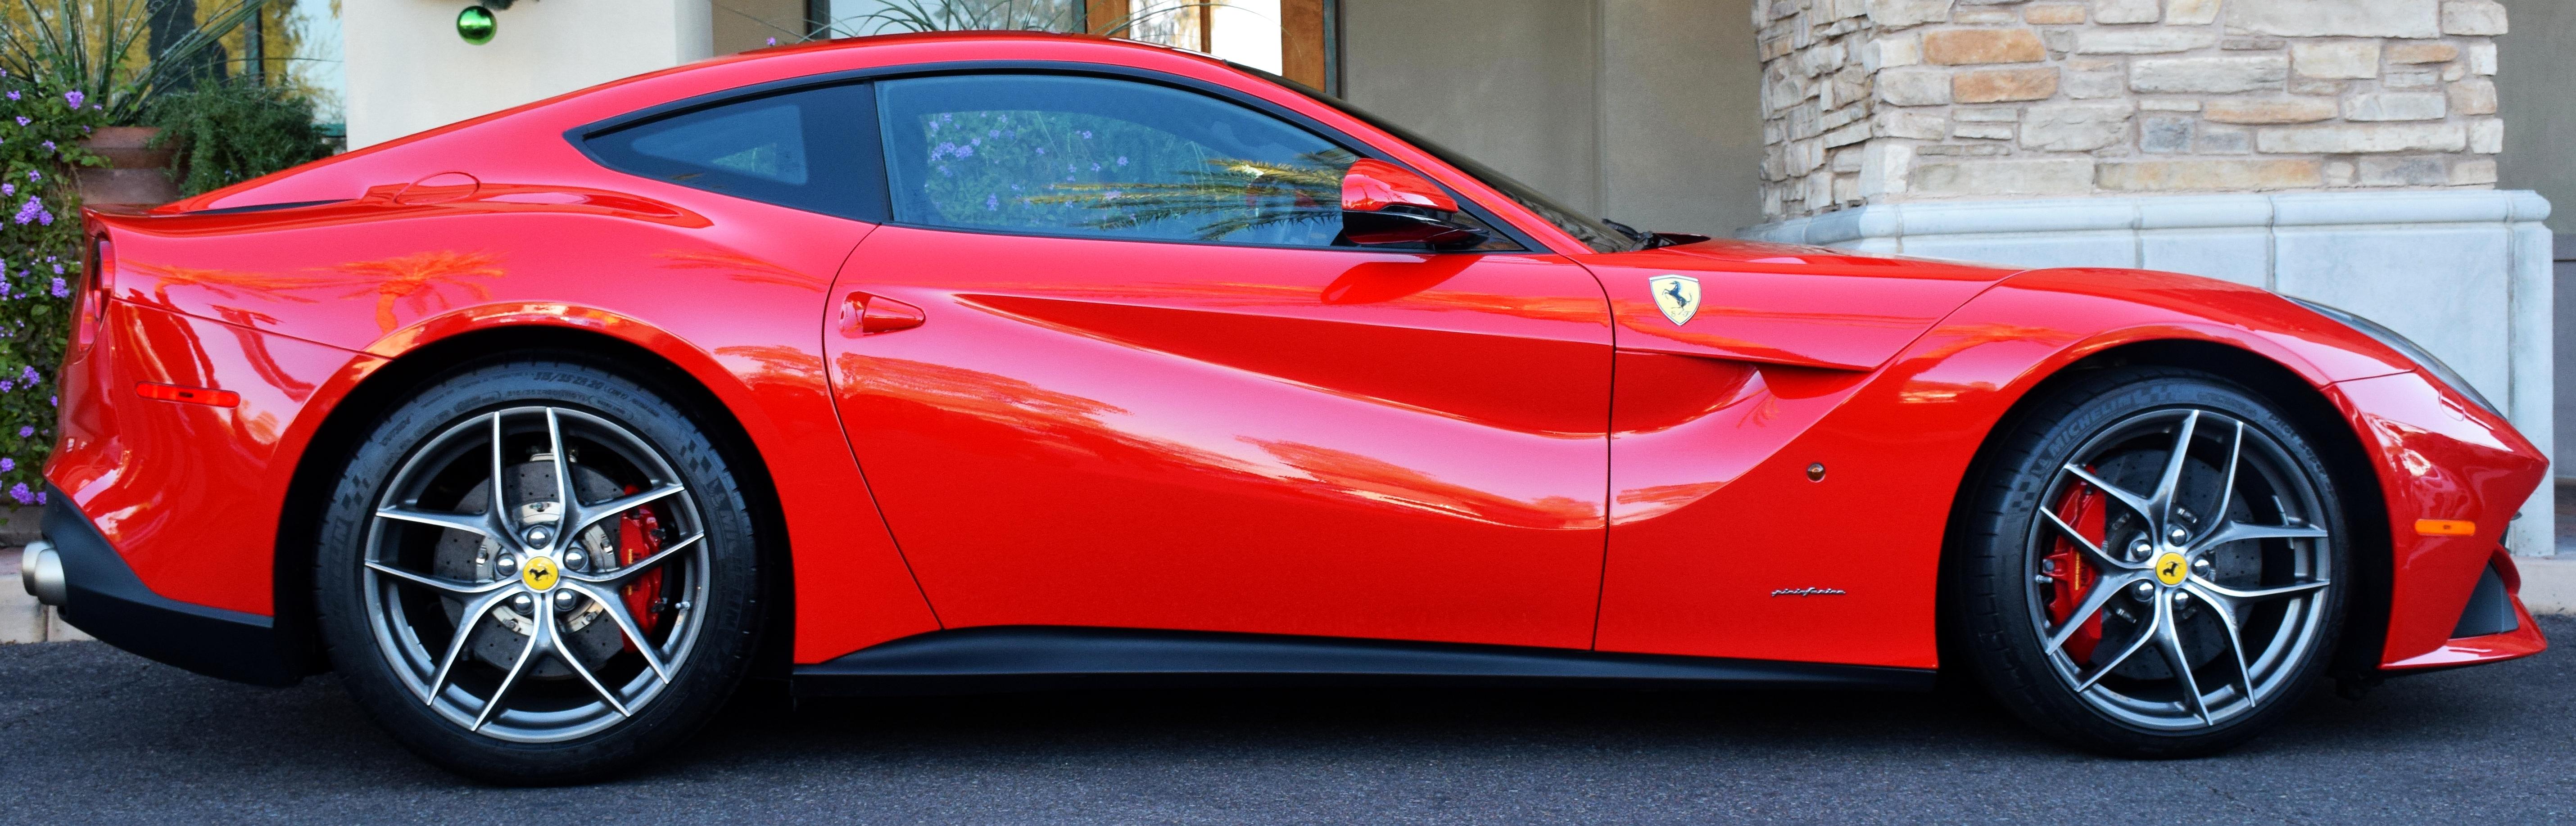 Ferrari F 12 Berlinette